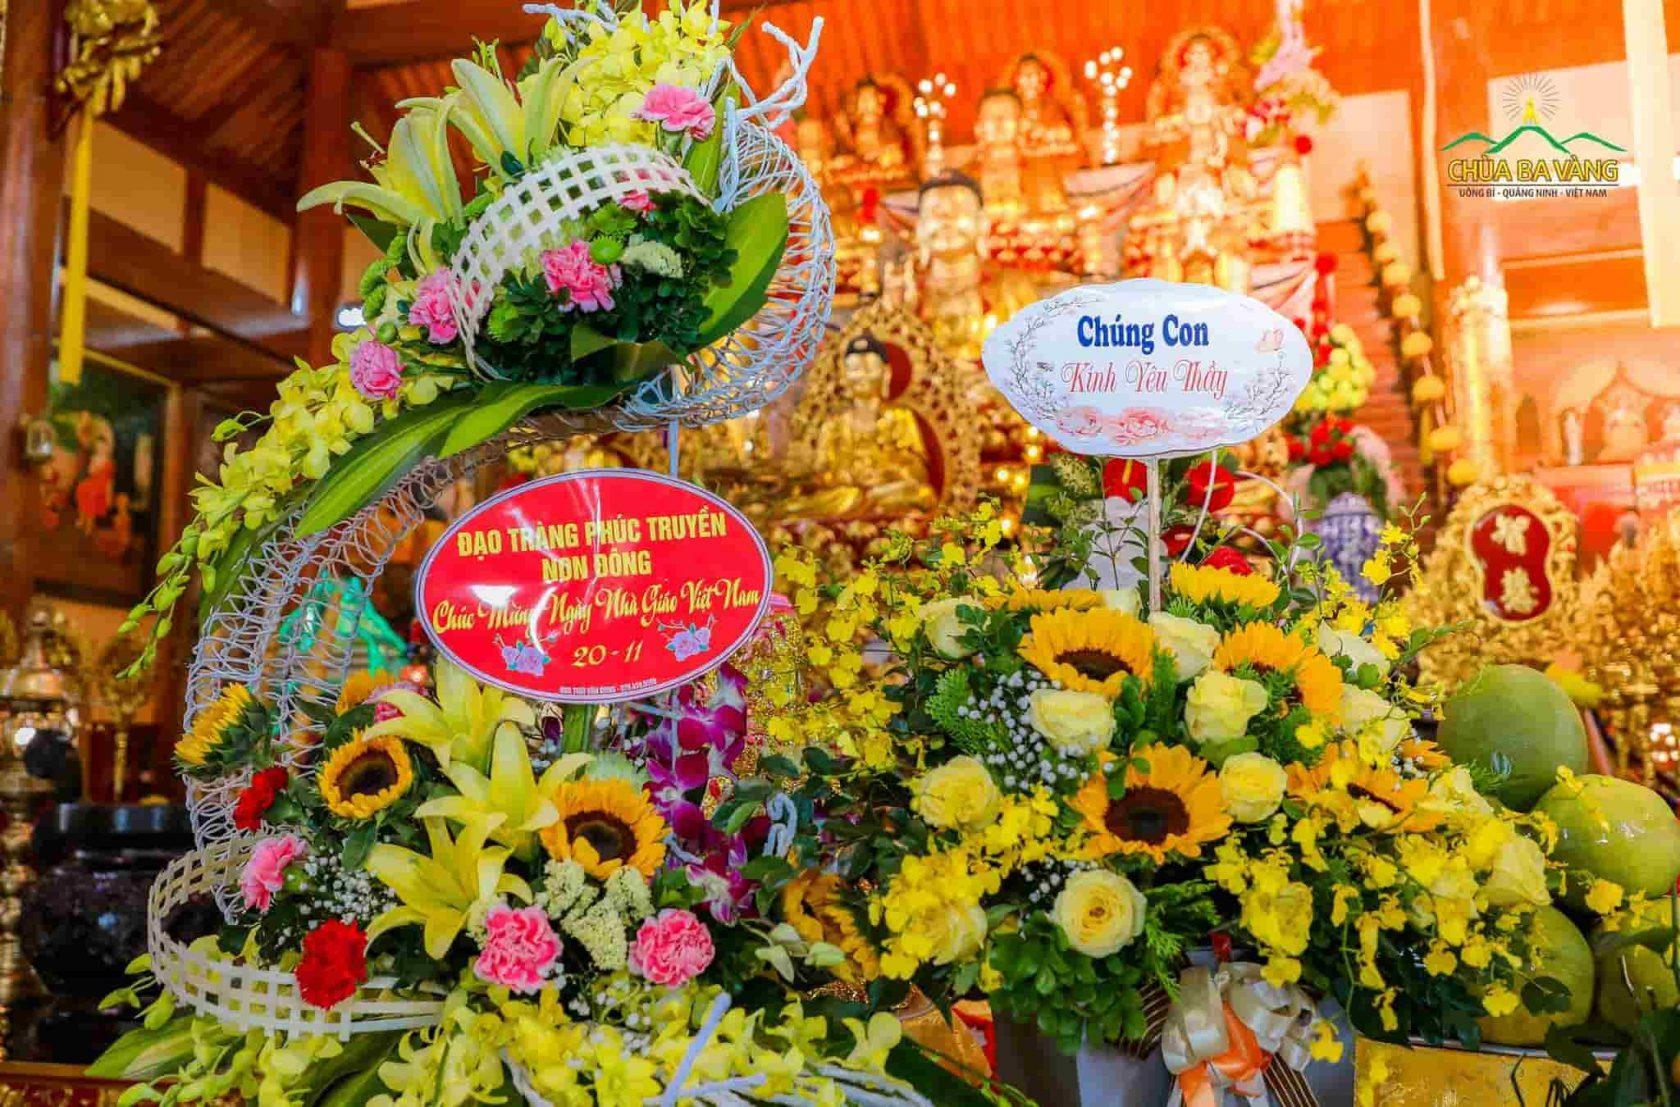 Những lẵng hoa tươi thắm do chính các Đạo tràng cúng dường lên Sư Phụ Thích Trúc Thái Minh